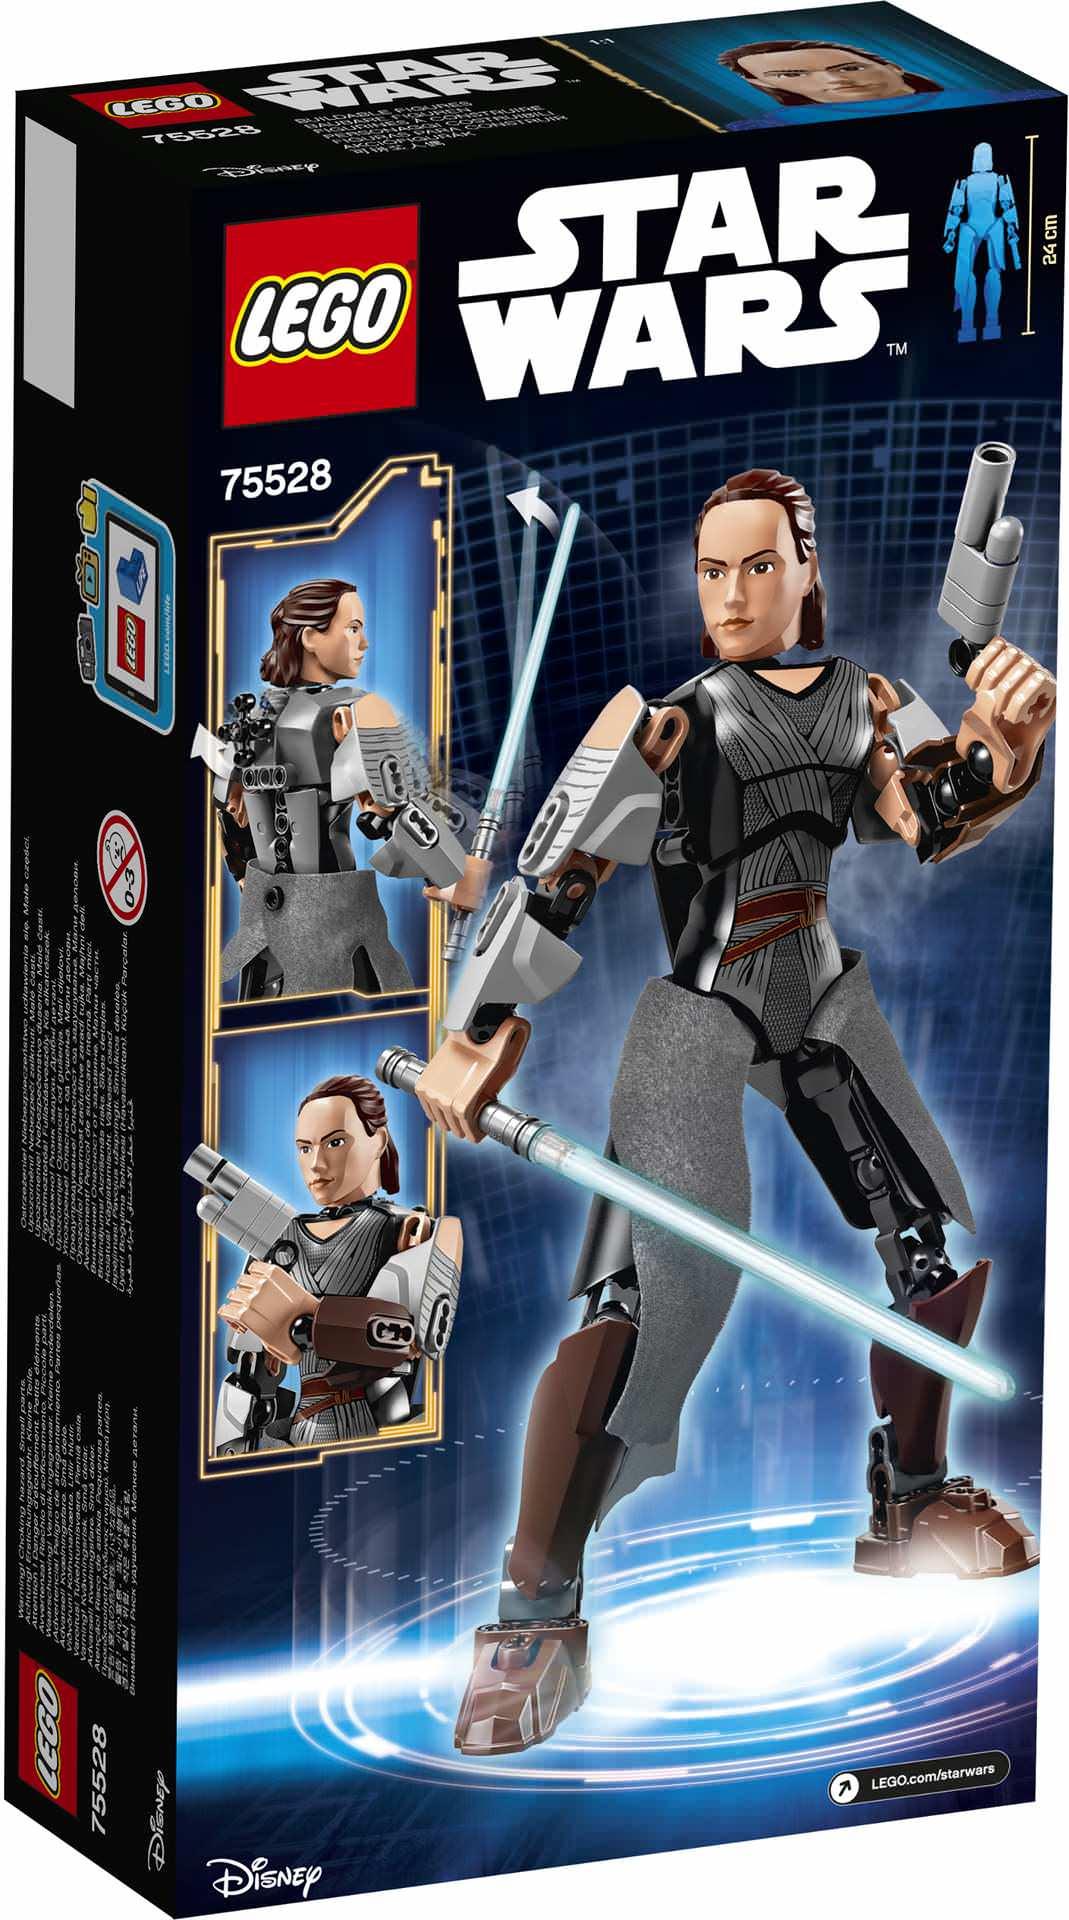 [Produits] Figurines Star Wars de l'automne 2017 : découvrez les images ! 214gi510